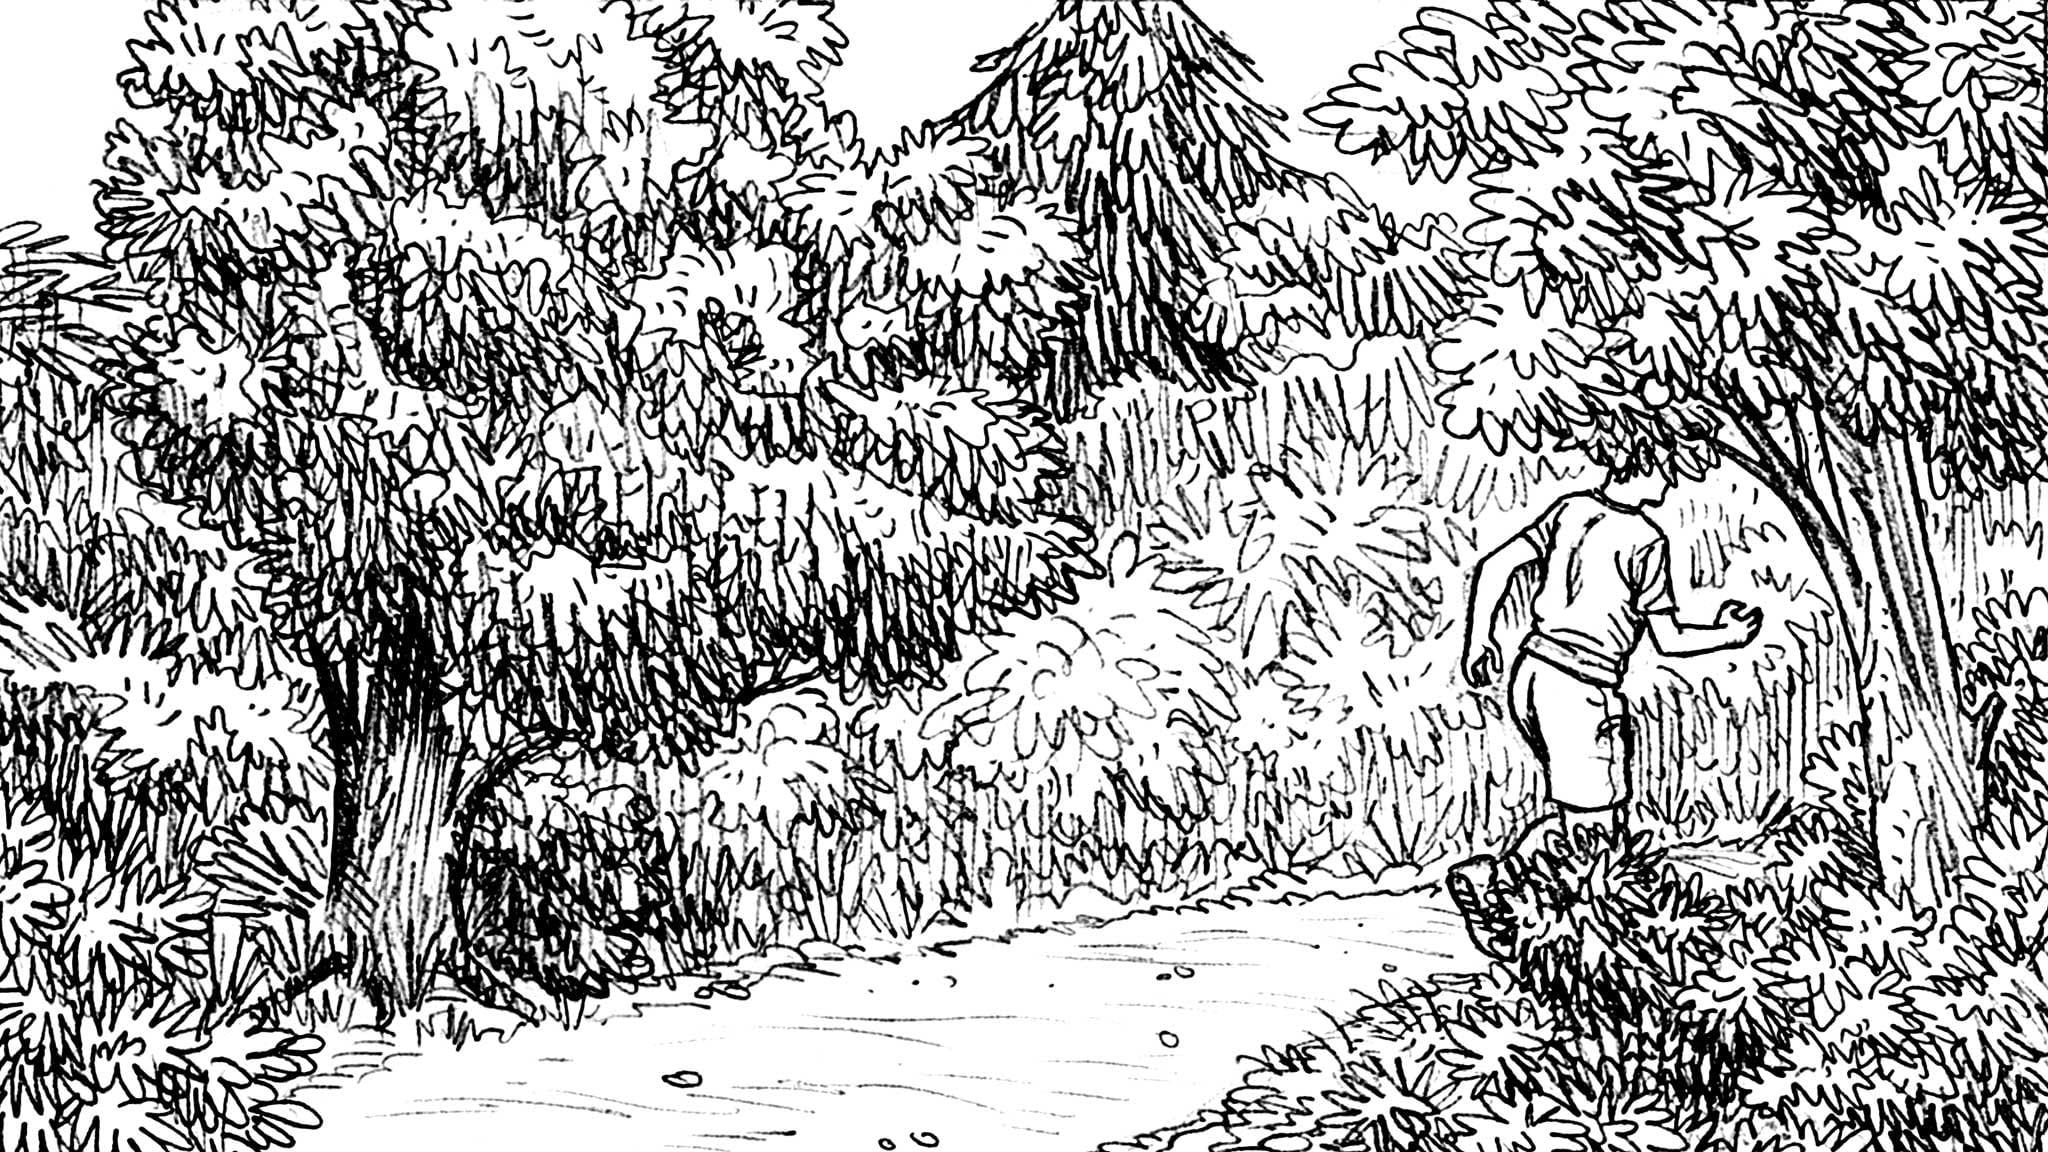 KH3152B08-forest-trail-runner